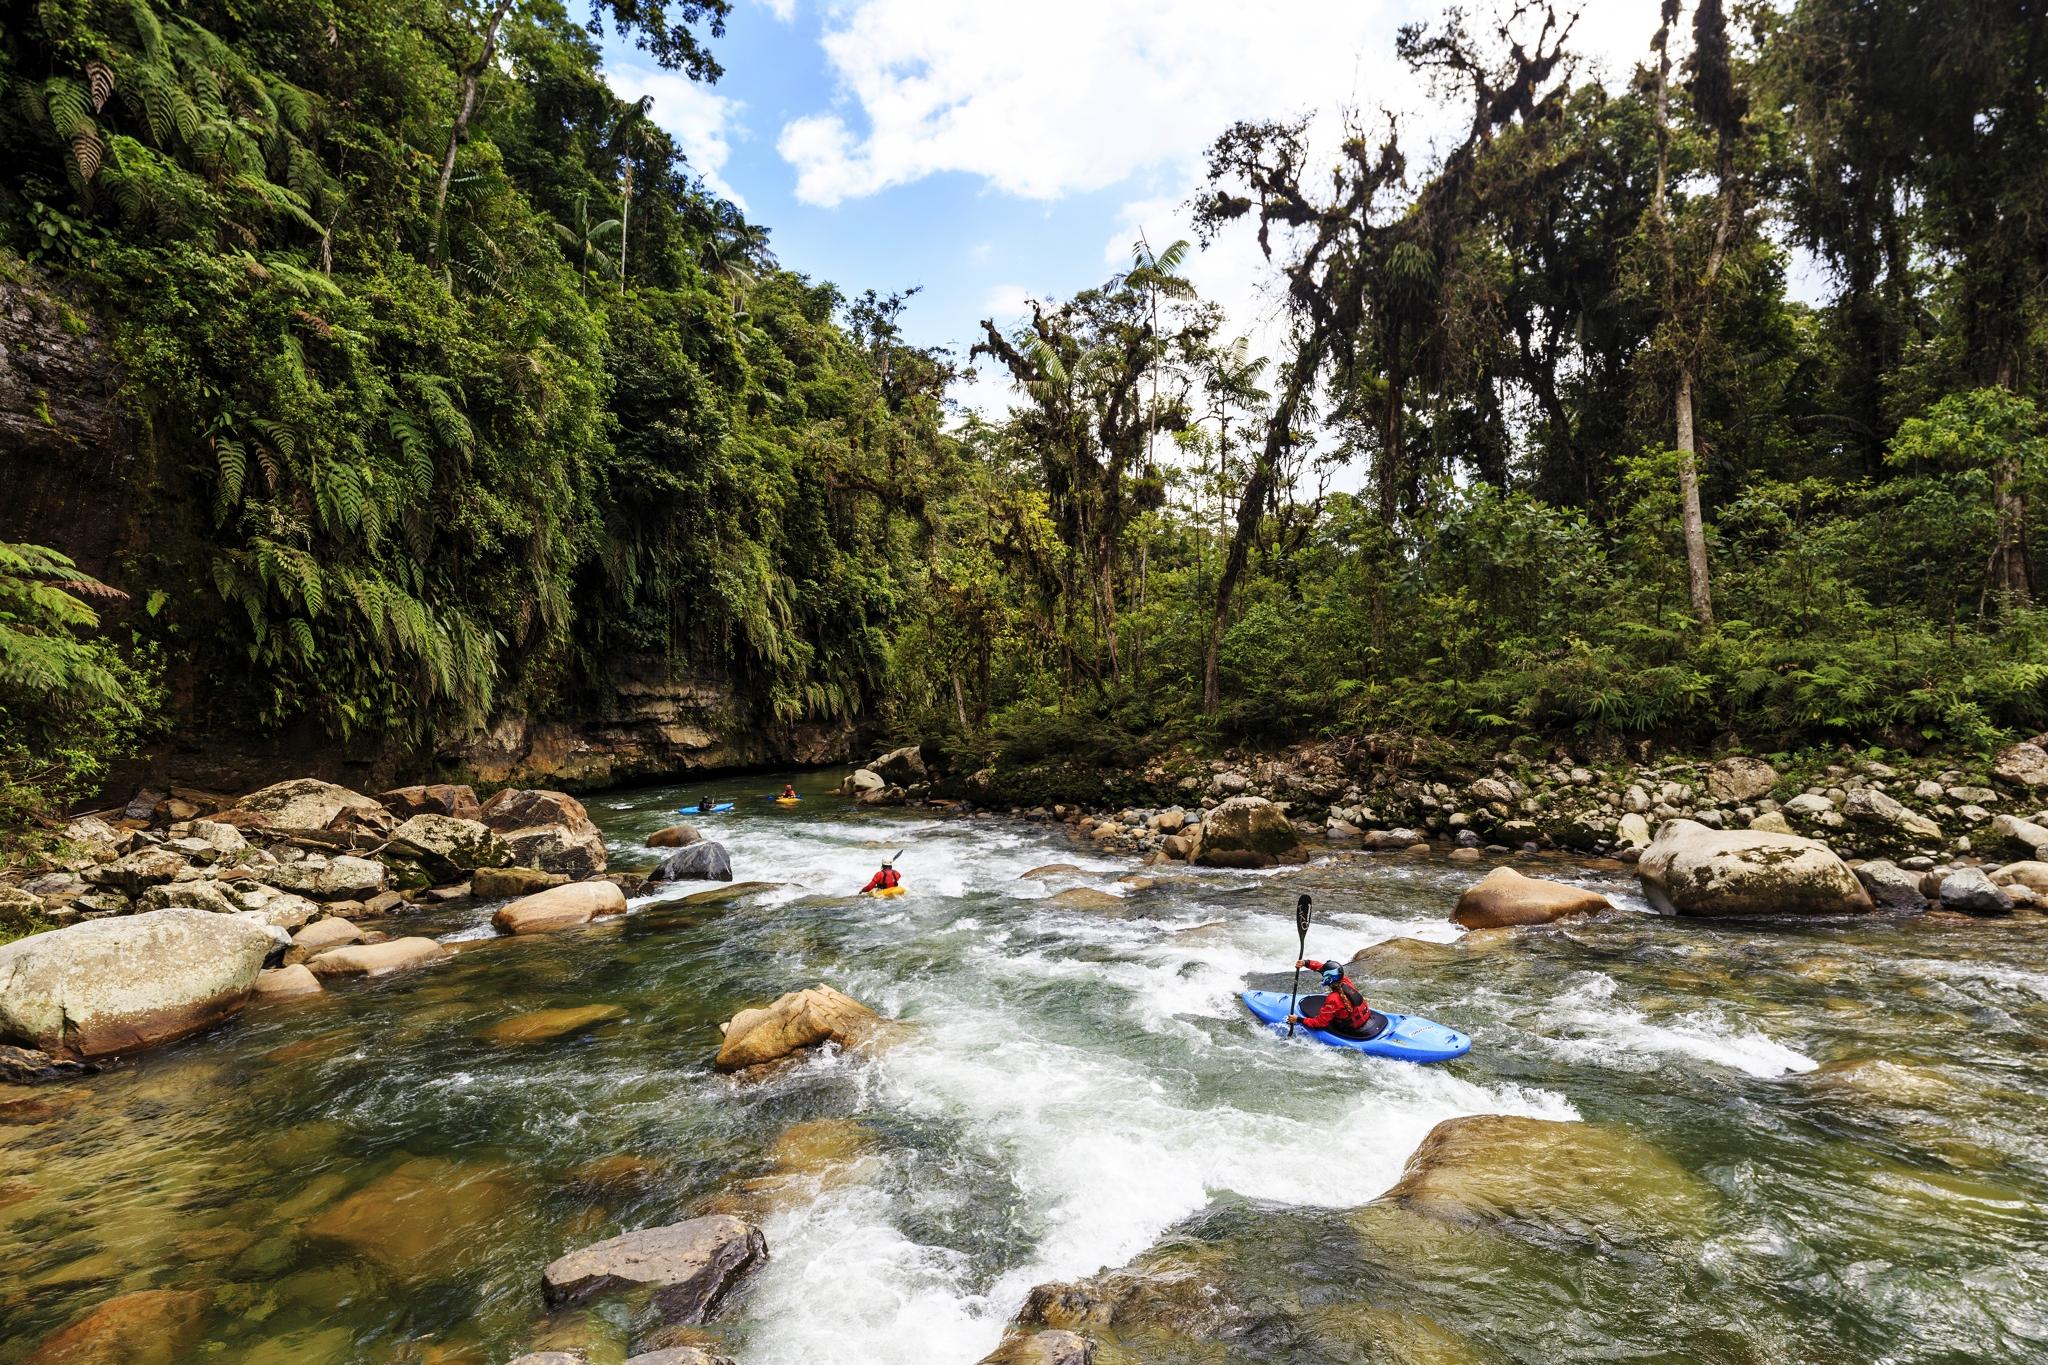 kayak ecuador rivers guidebook lower jondachi beta.jpg